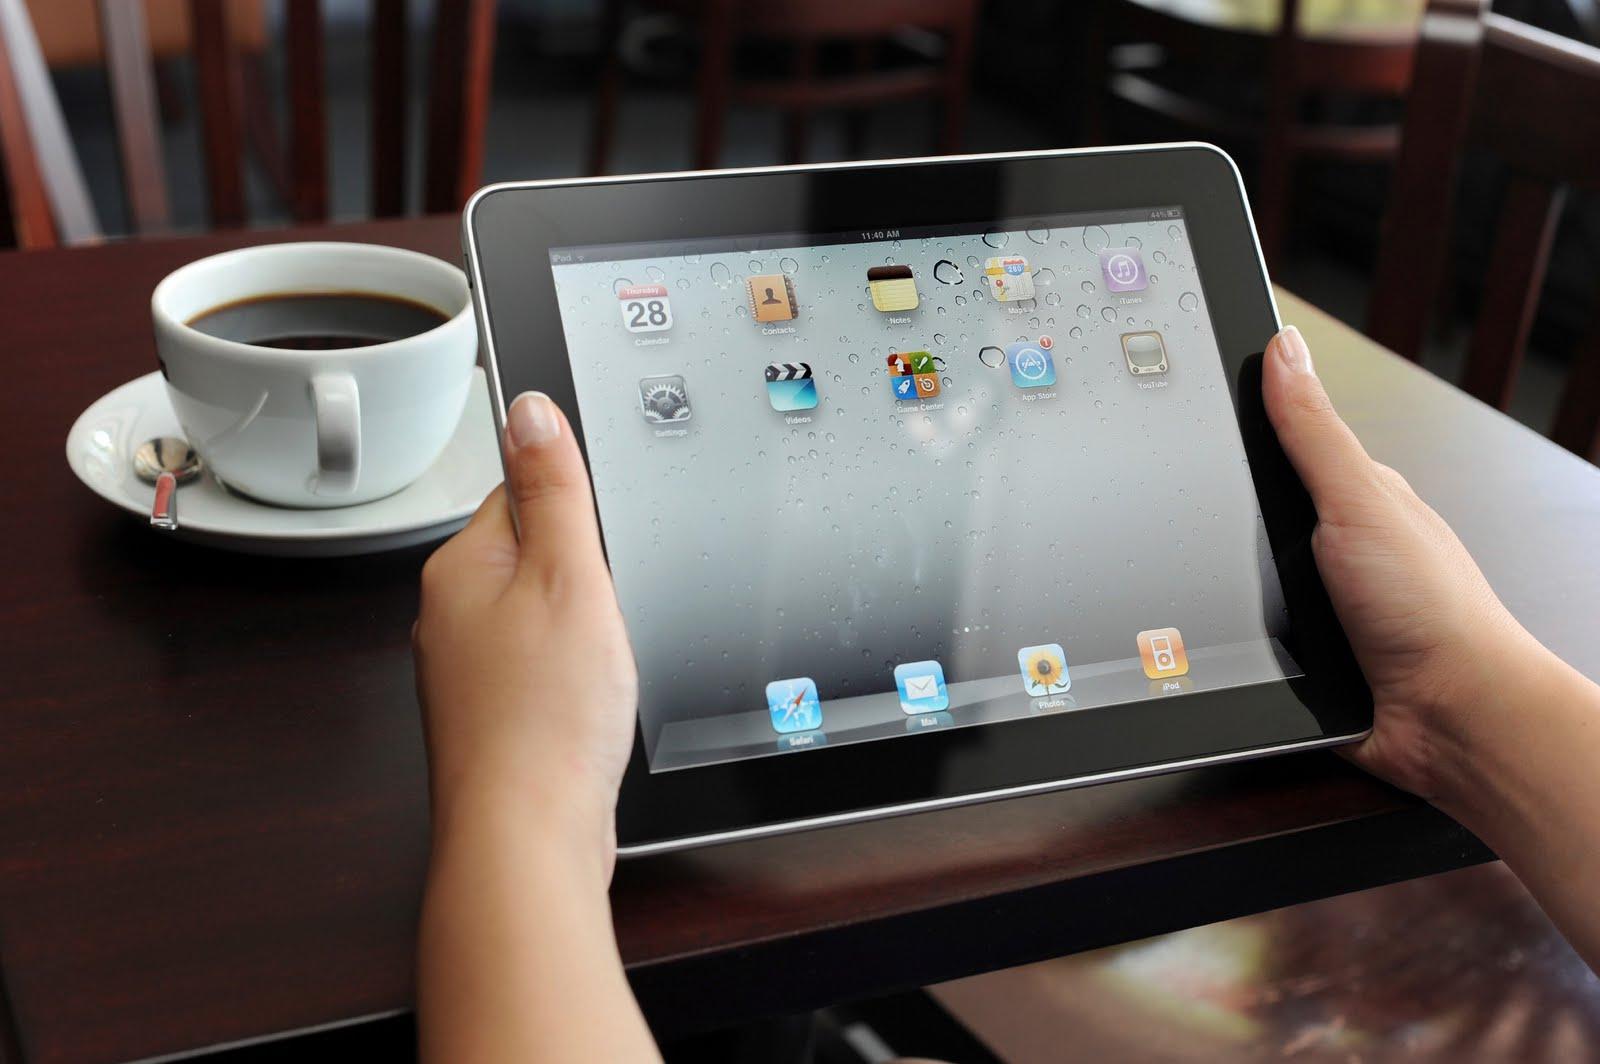 Порнуху смотреть на айпаде, Бесплатное порно для iPad. Новое видео каждый день 2 фотография